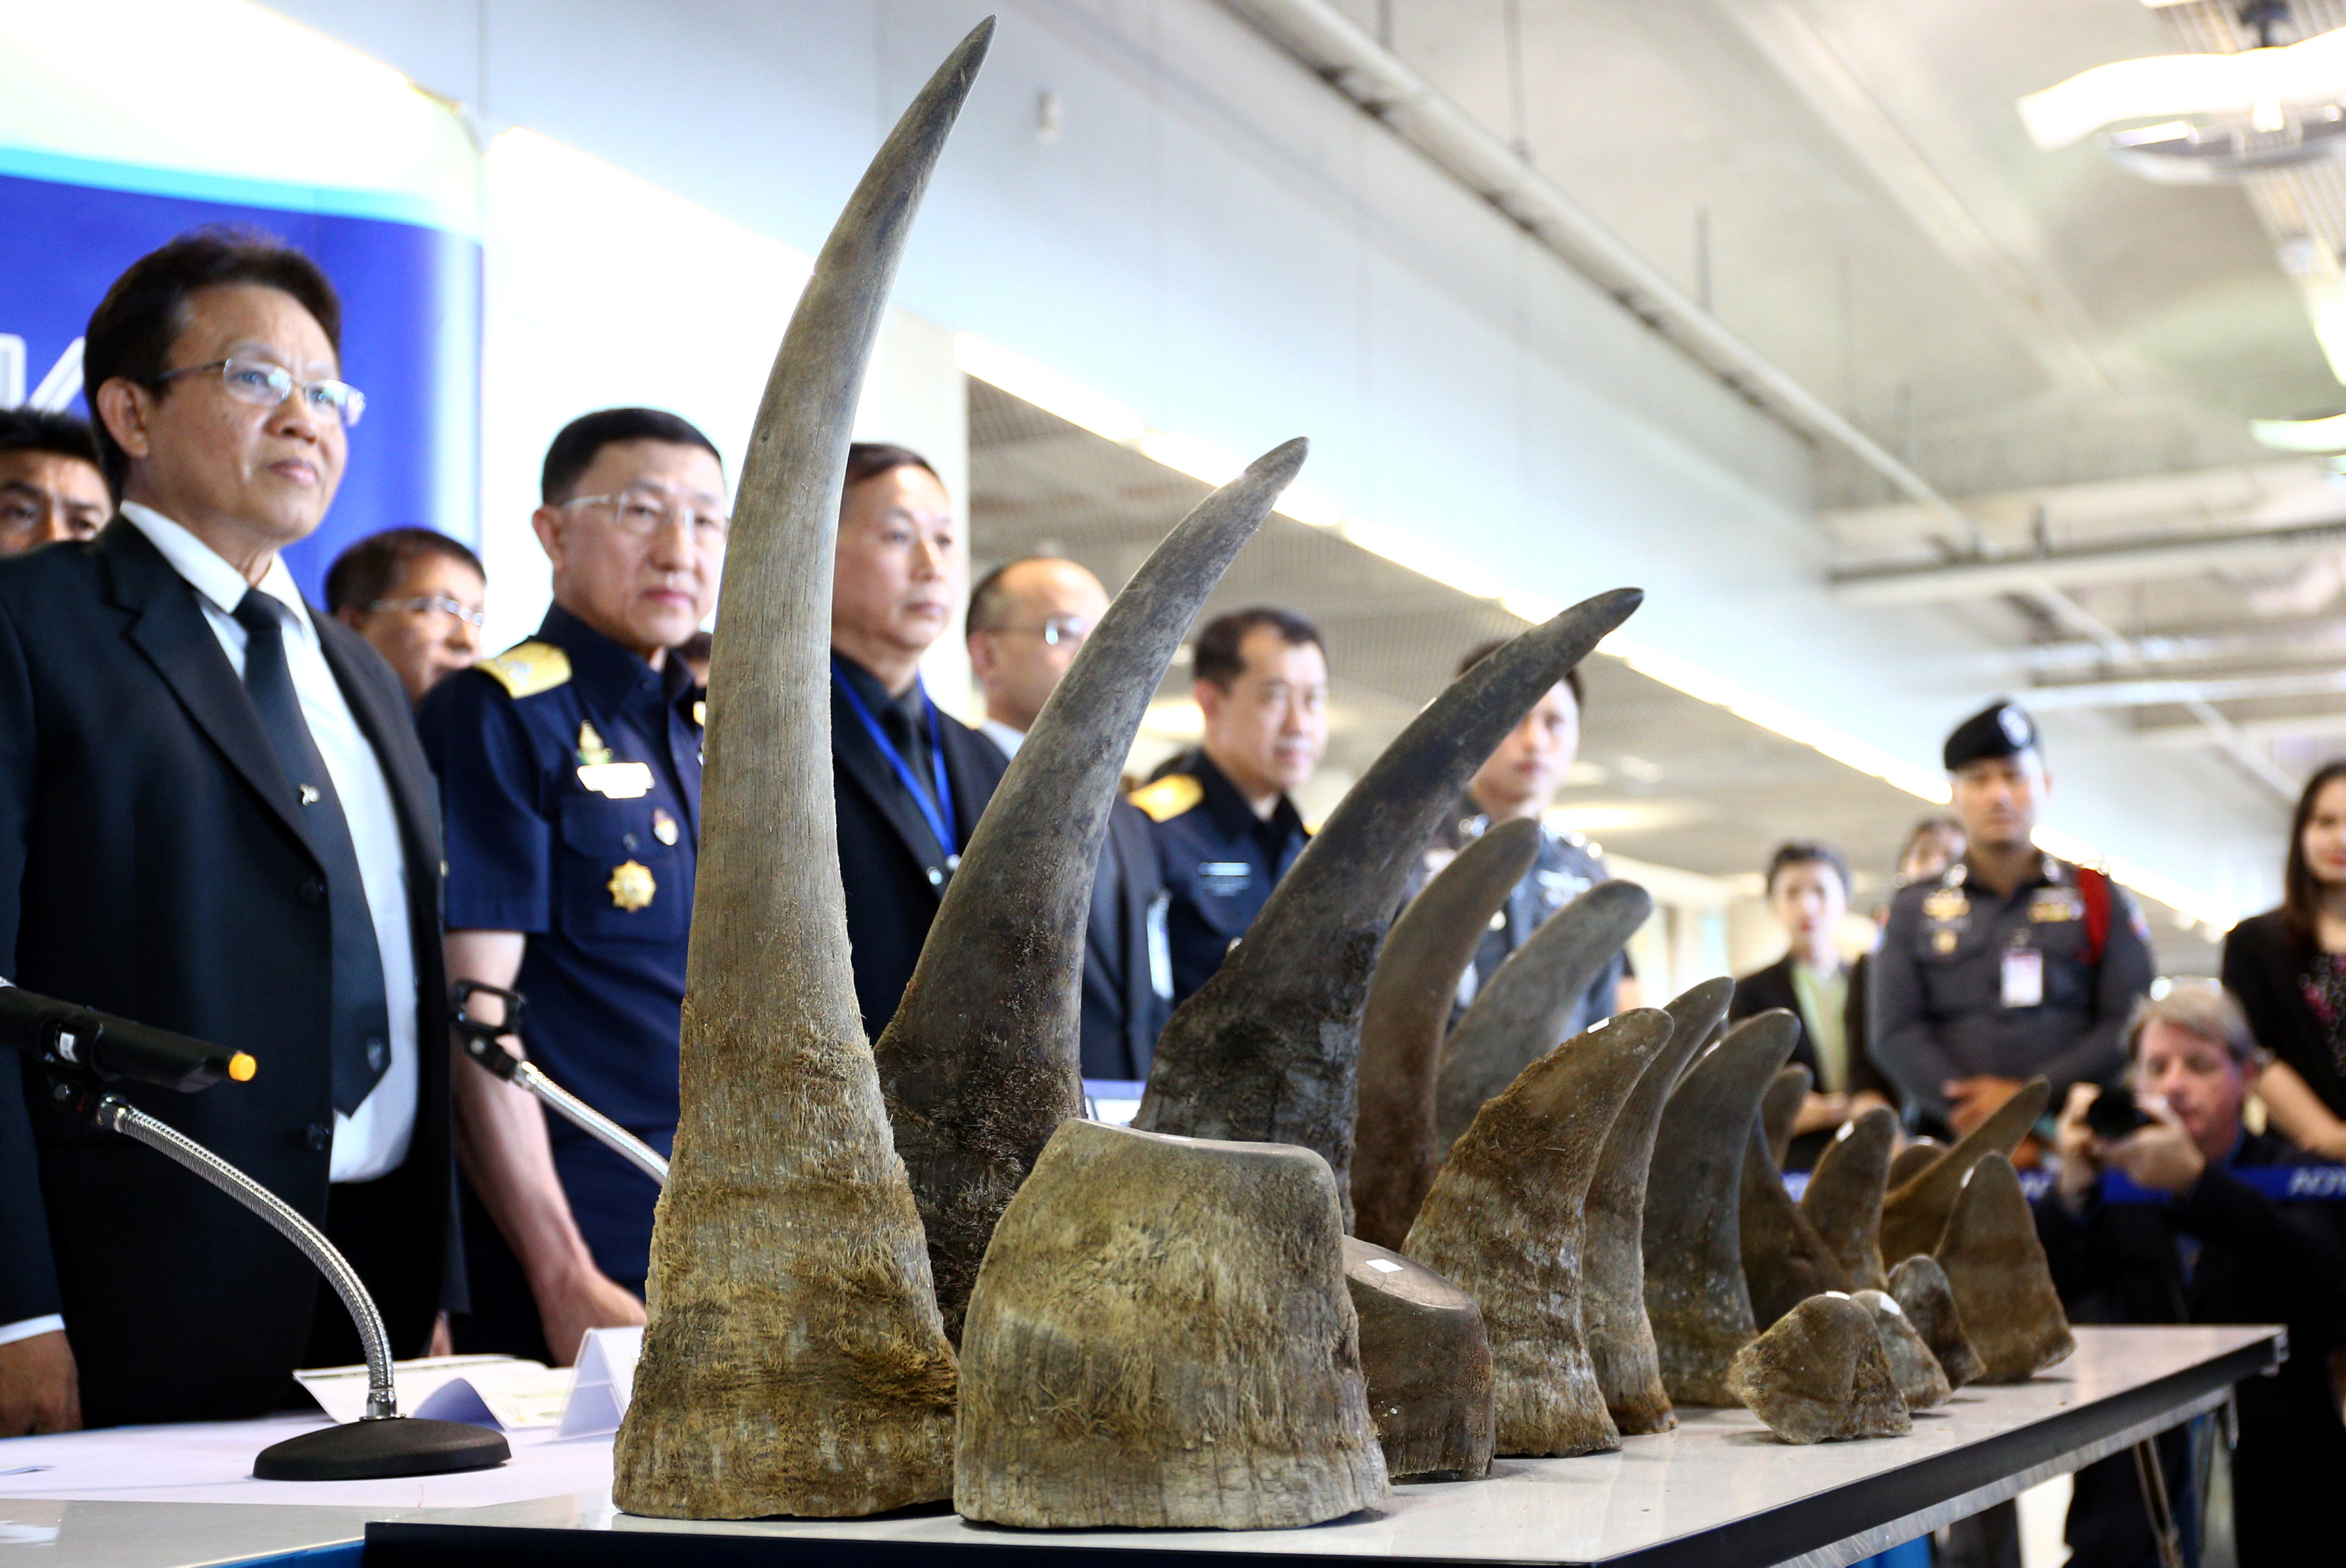 Thailand seizes rhino horns worth $5 million